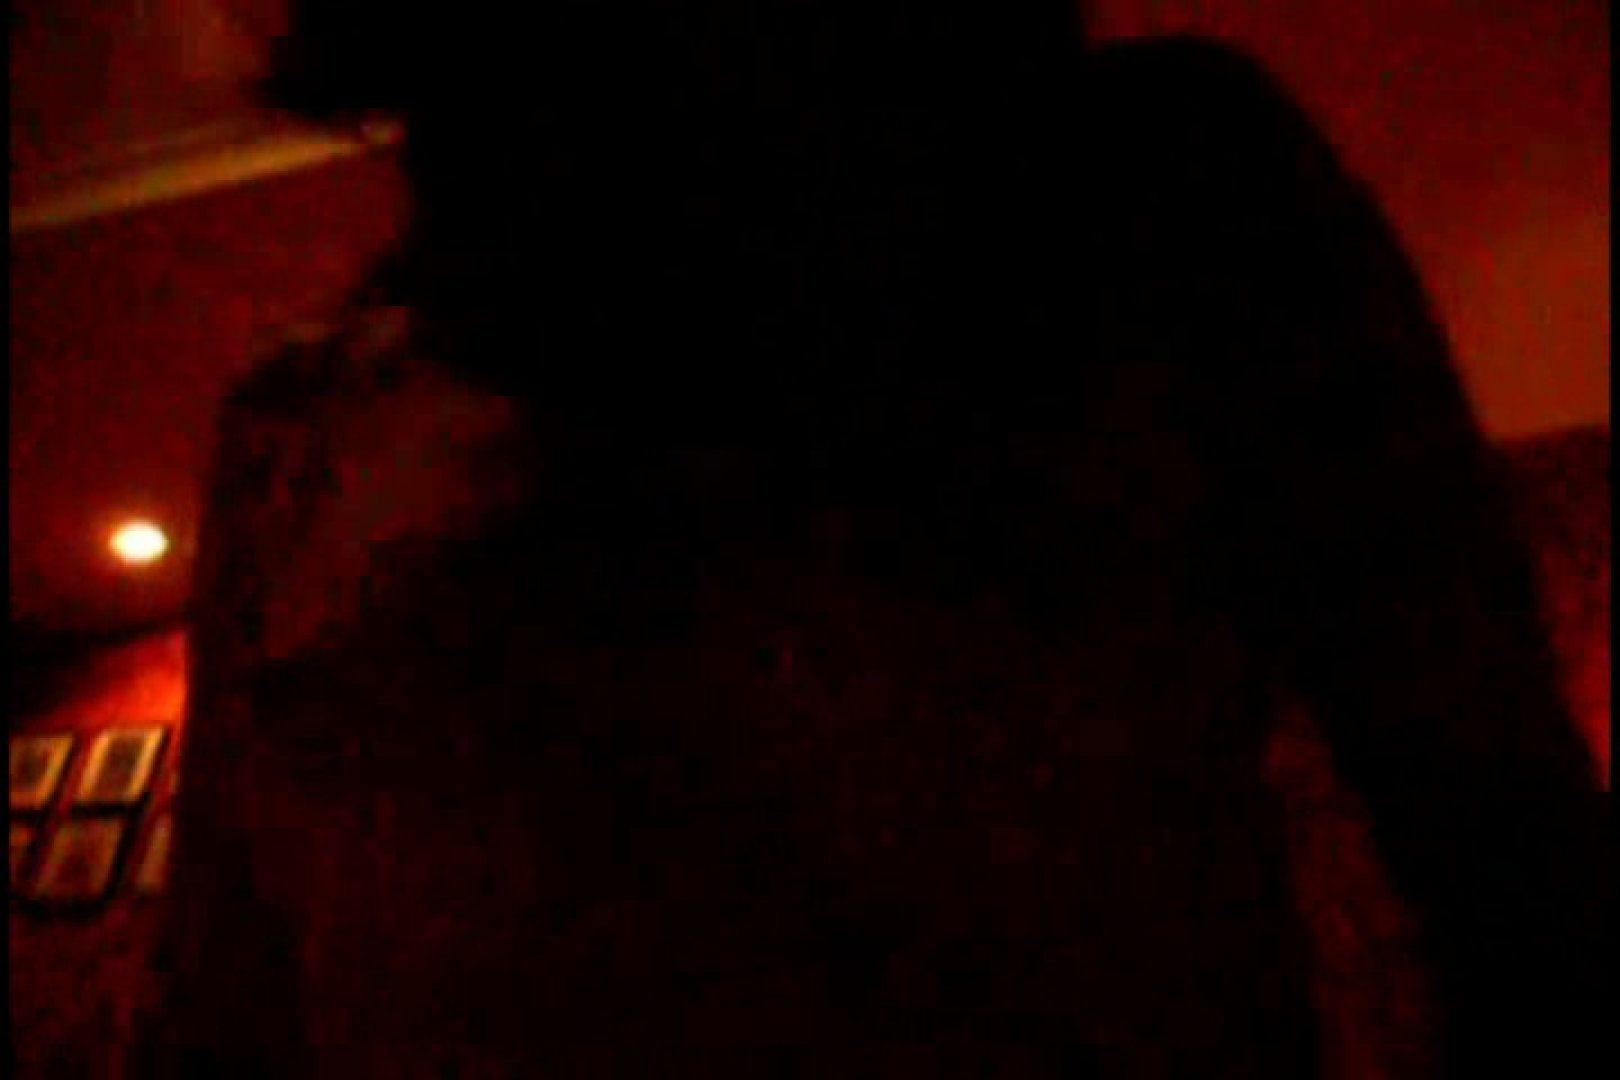 某掲示板に投稿された素人女性たちVOL.9 投稿   ホテル  95連発 32